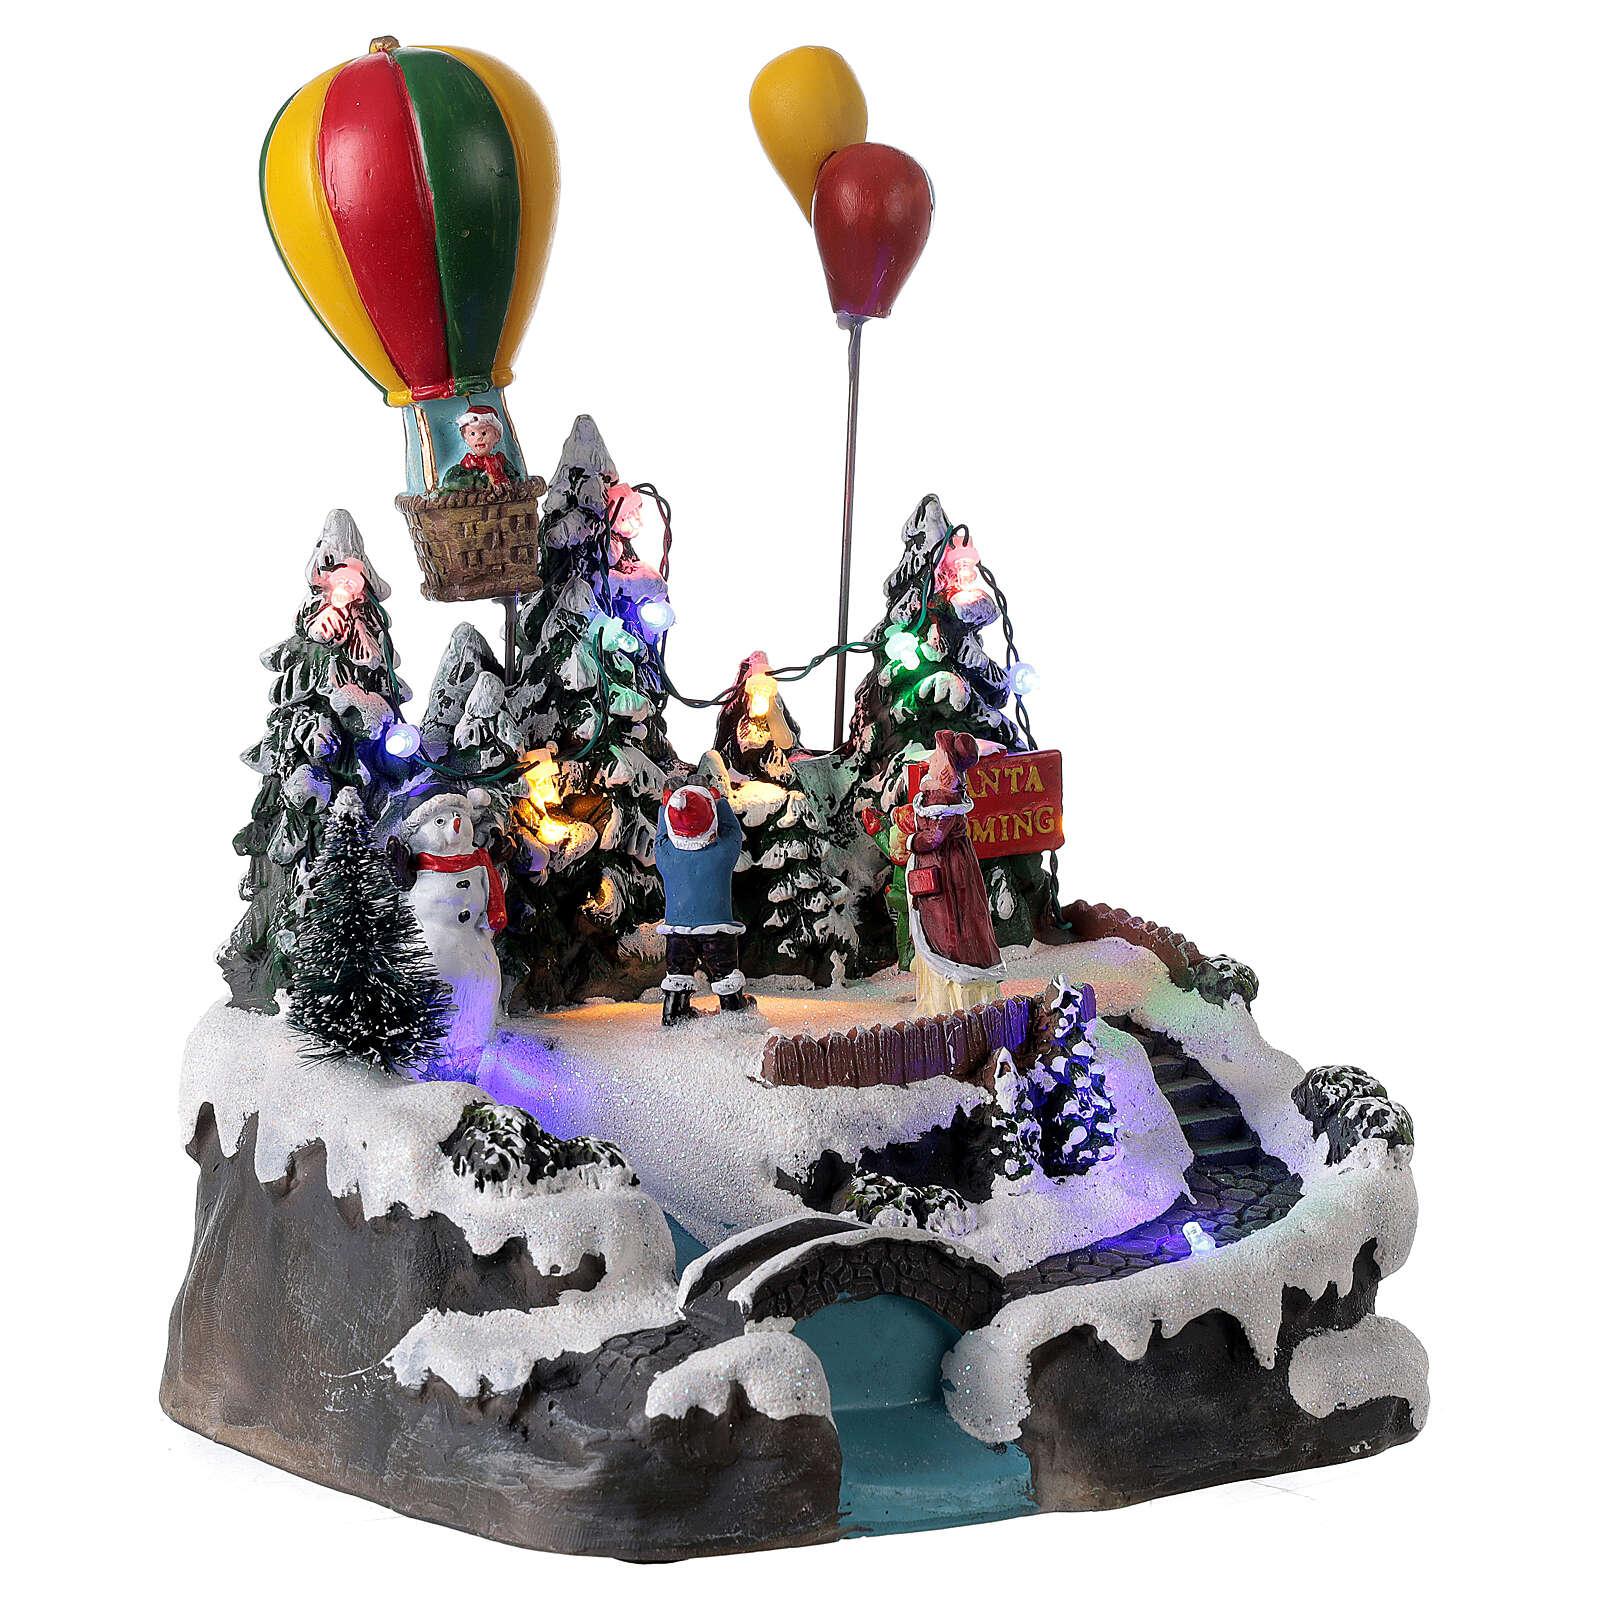 Village Noël enfants montgolfière lumières musique 25x20x20 cm 3